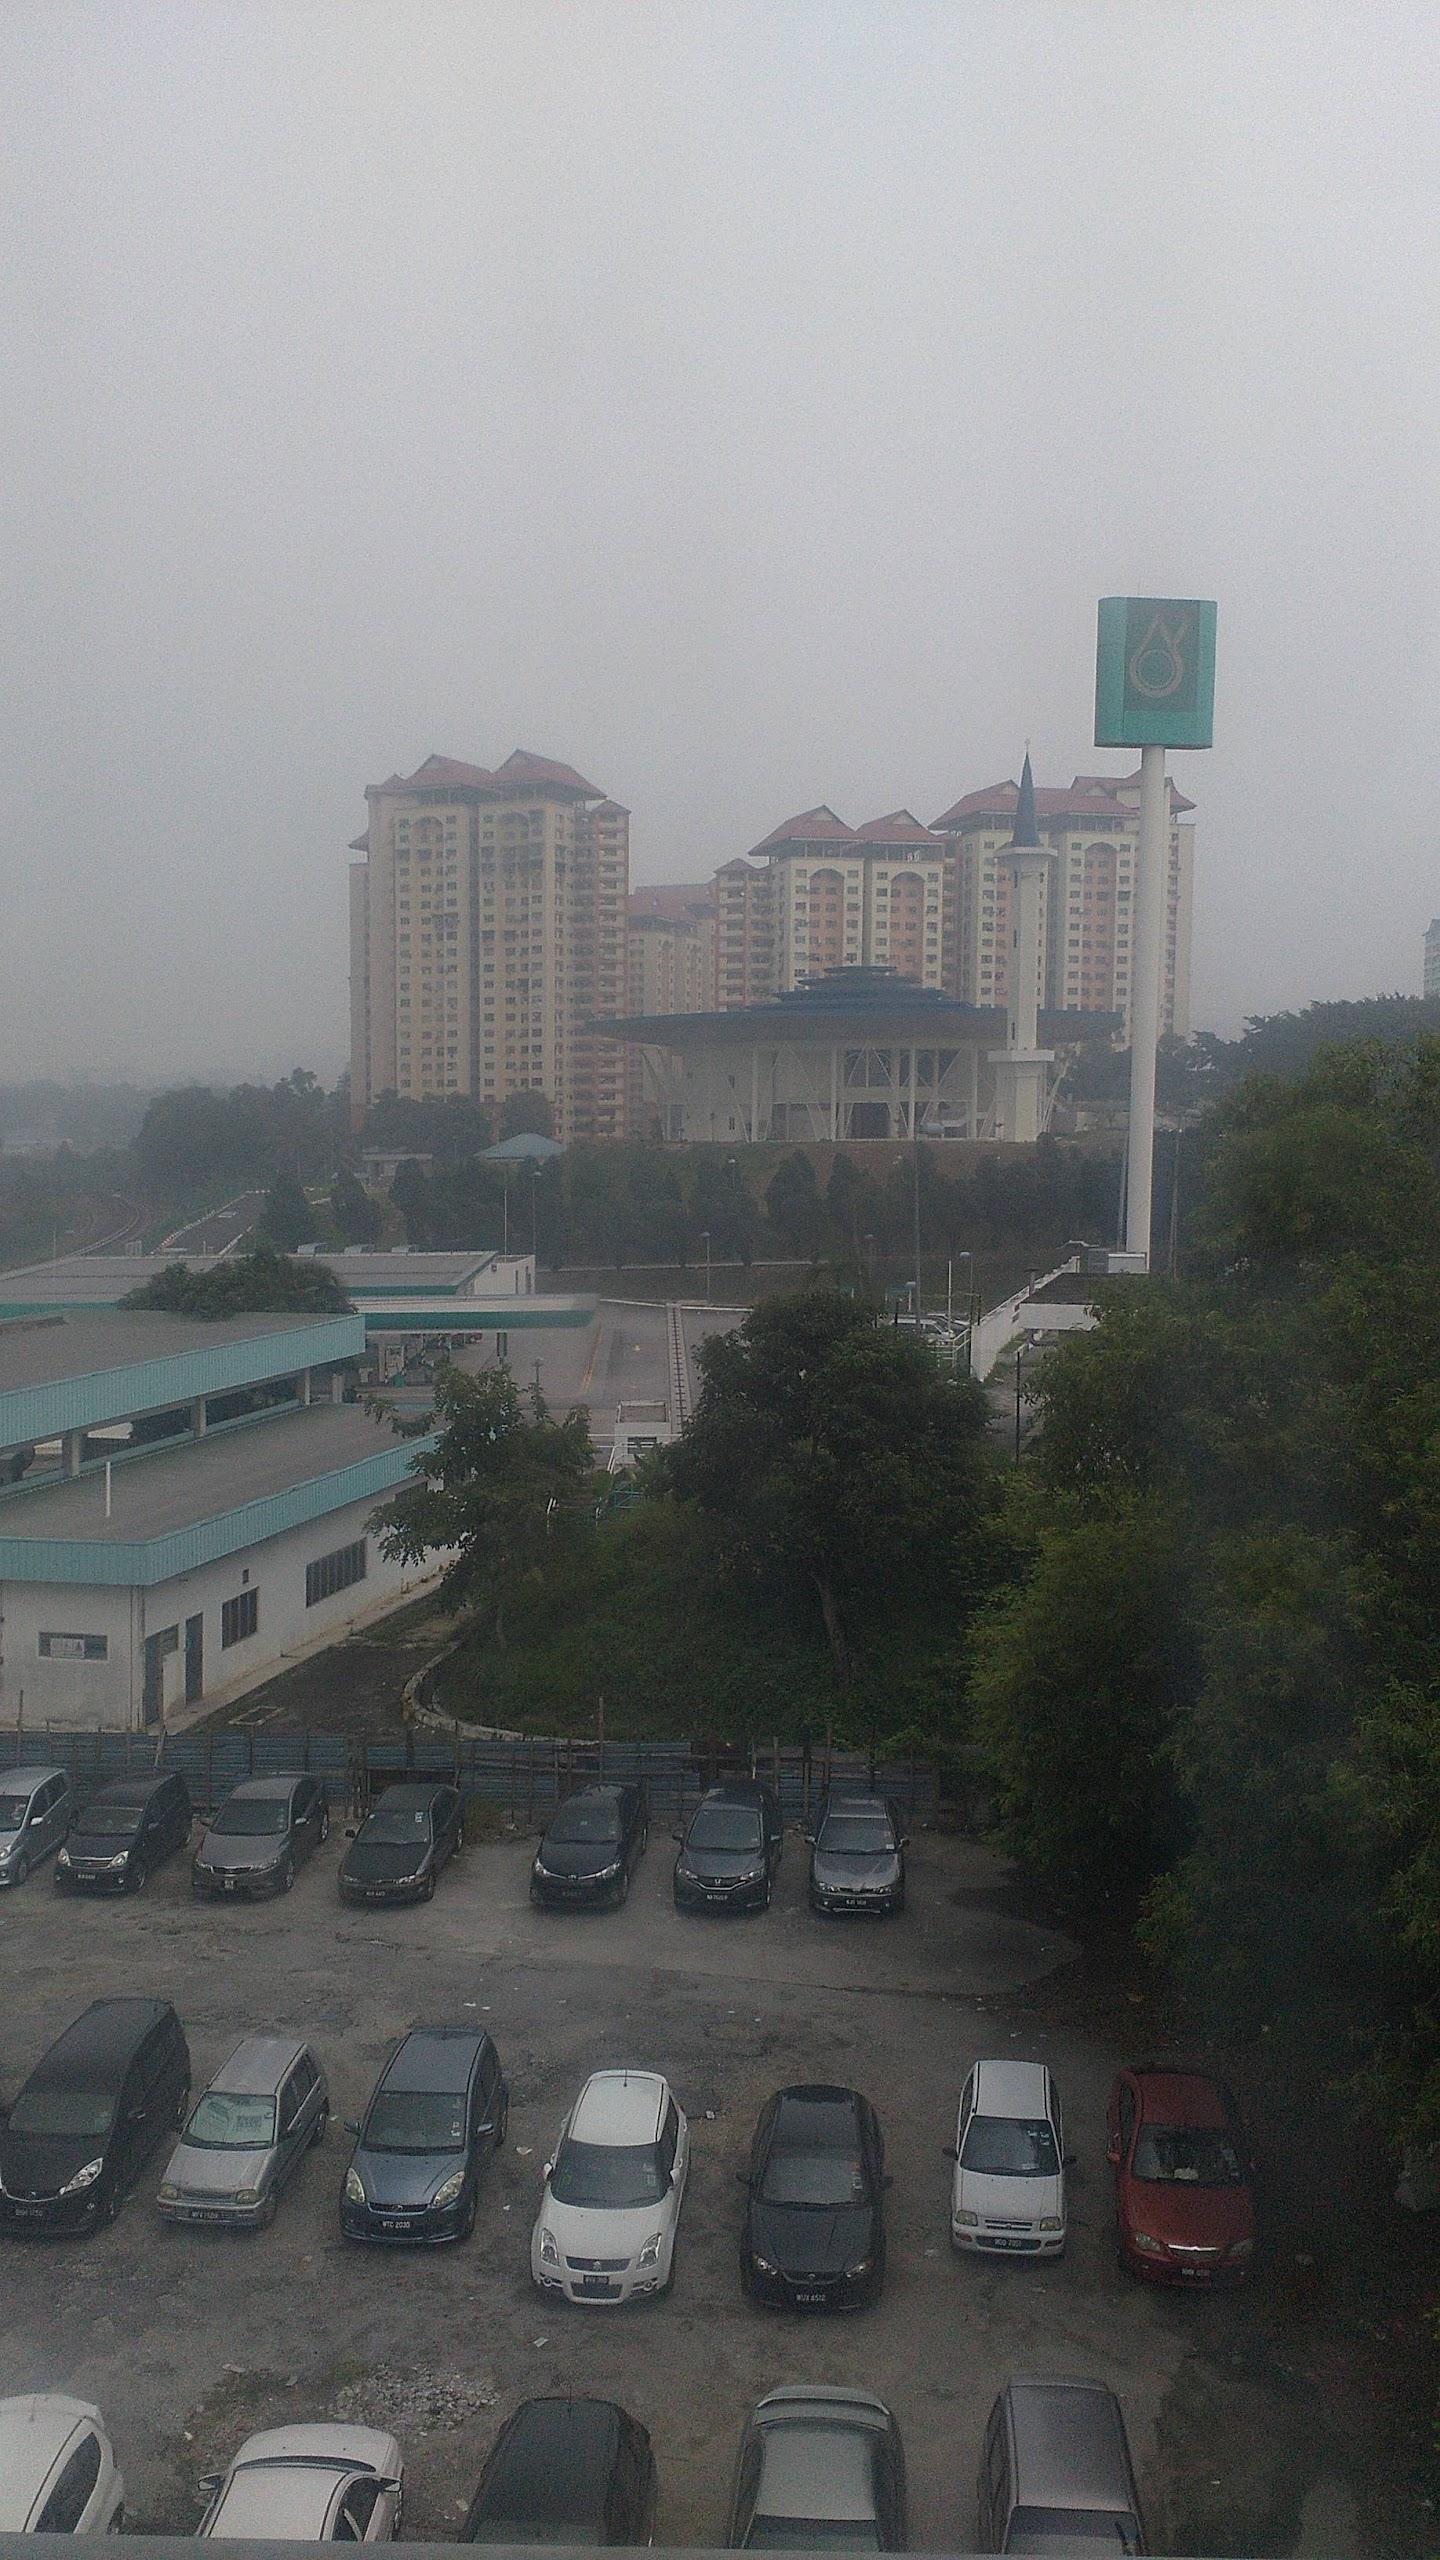 Blog Seni Khat Rahman Sahlan Mural Khat Pandai Khat Mudah Jawi Lancar Ngaji Johor Khat Masjid Masjid Zaid Bin Thabit Bandar Tasik Selatan Kl